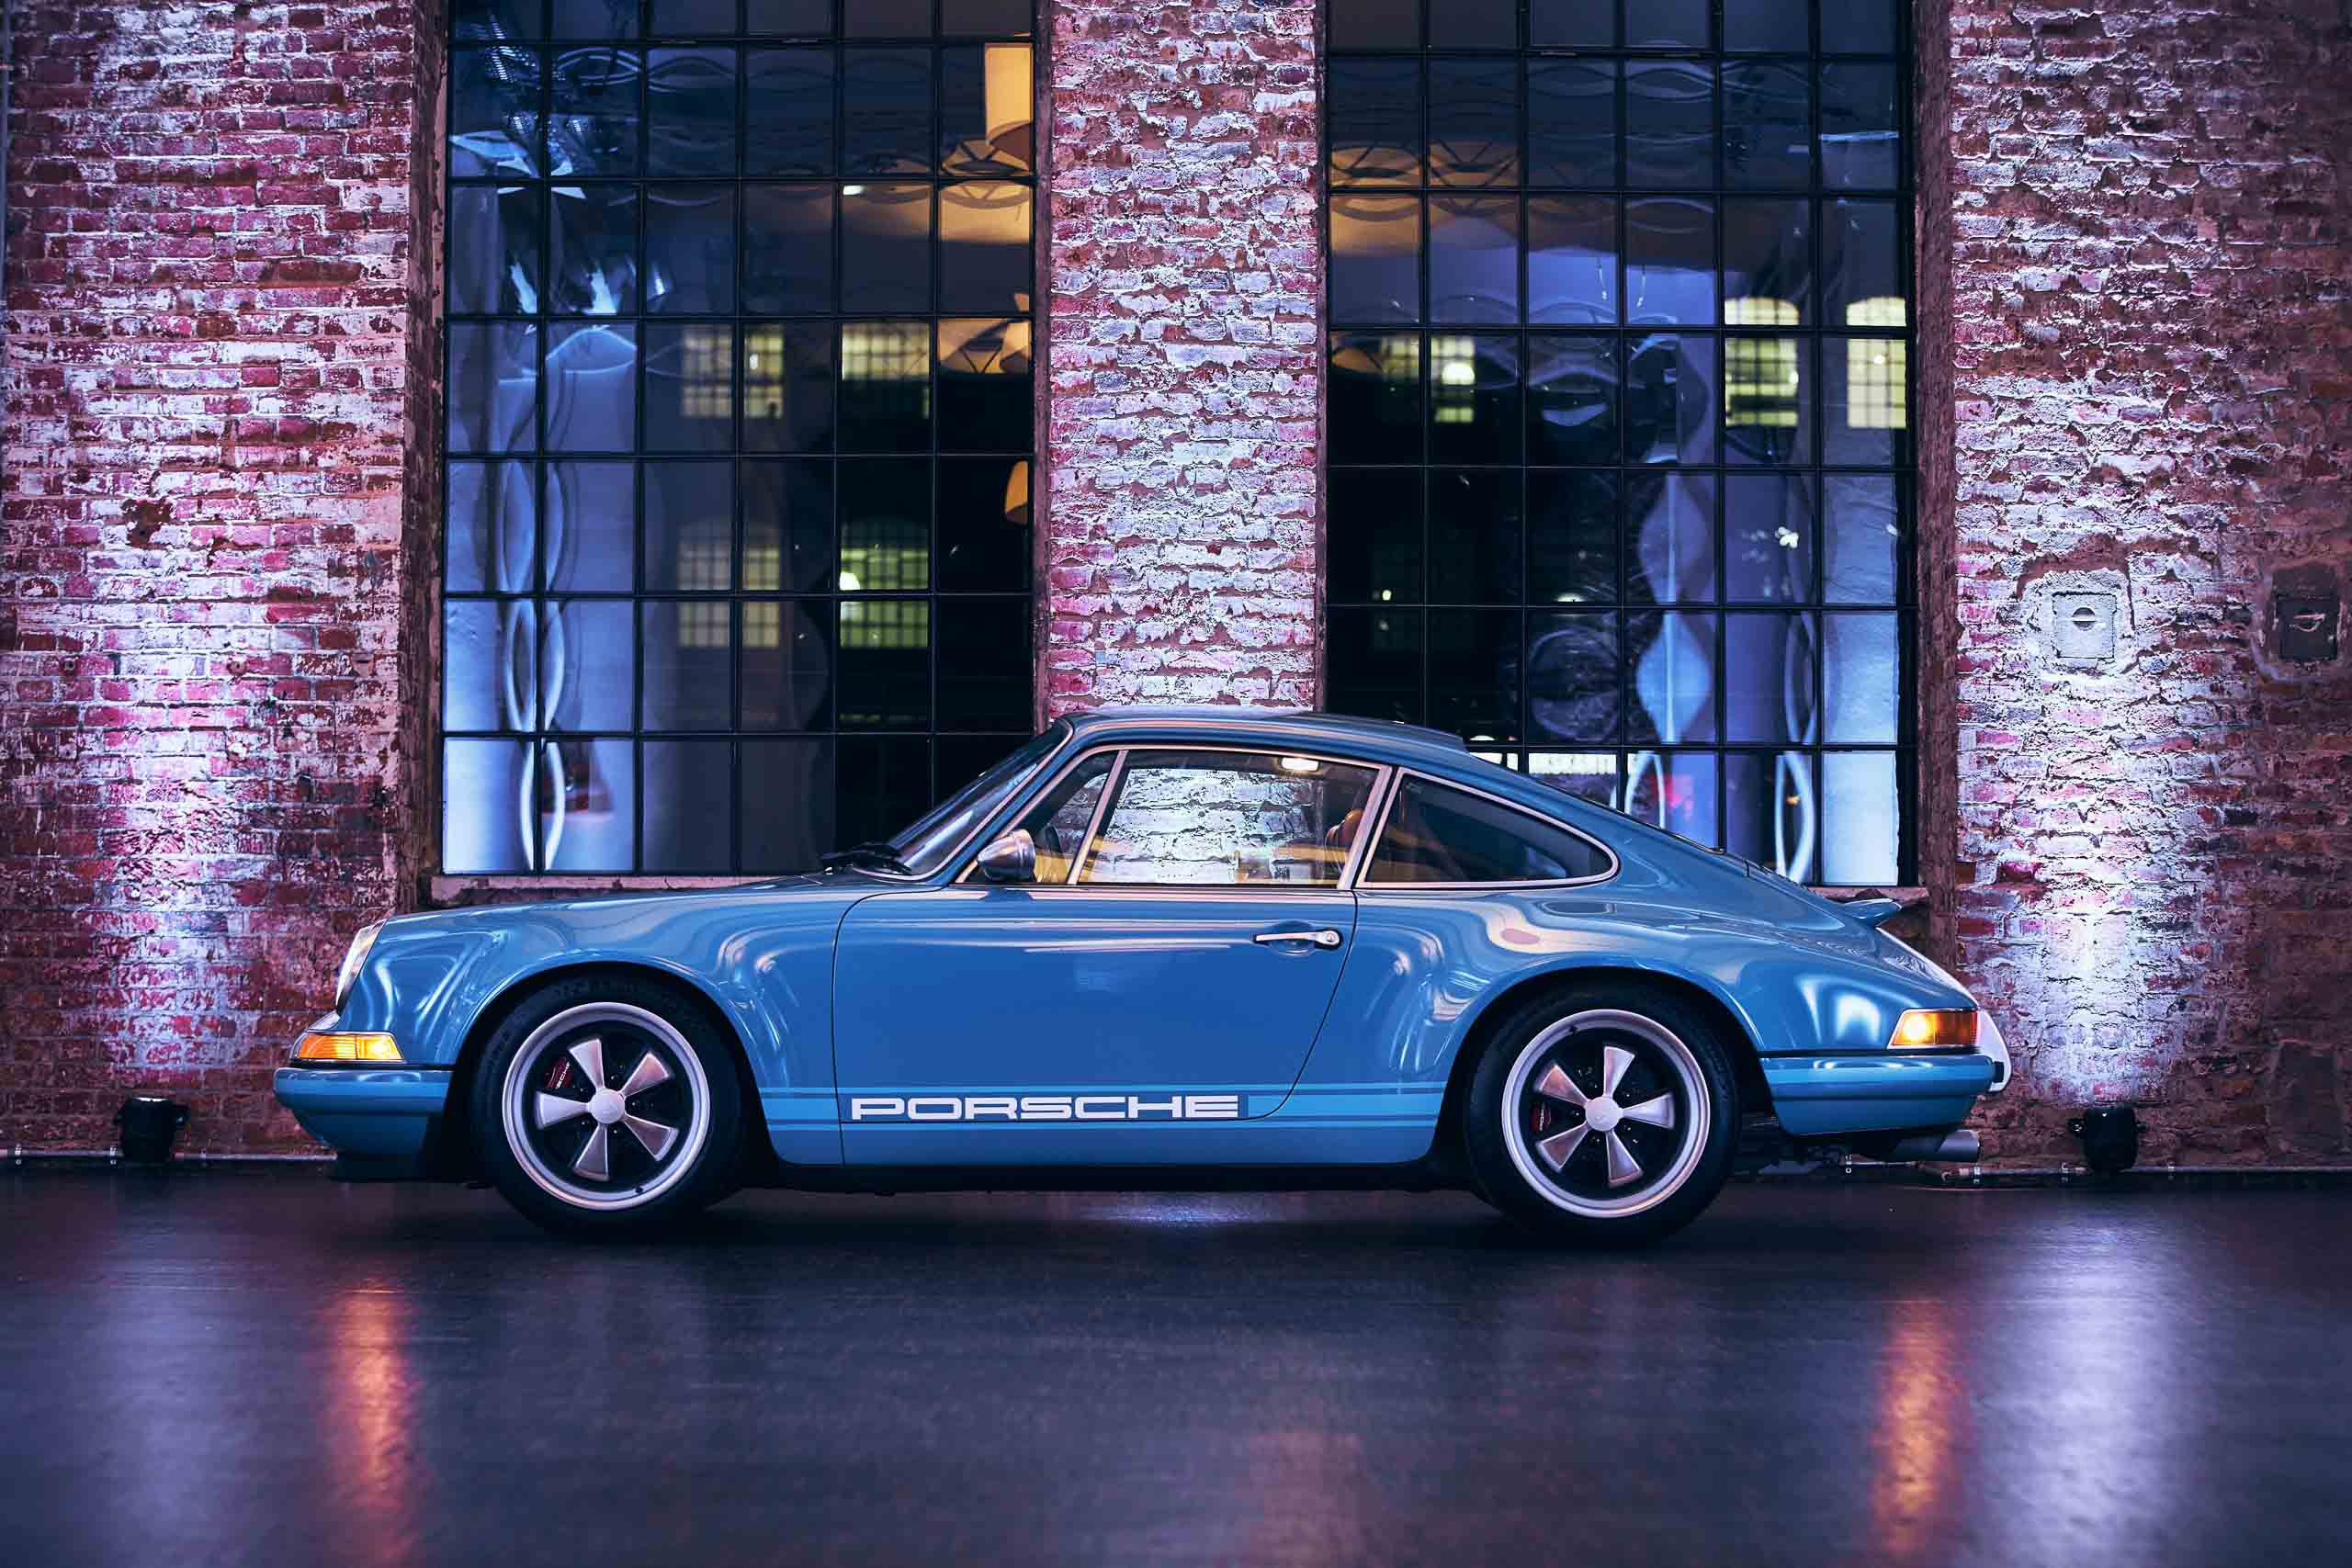 2020 Singer Porsche - Dörr Group | Fanaticar Magazin